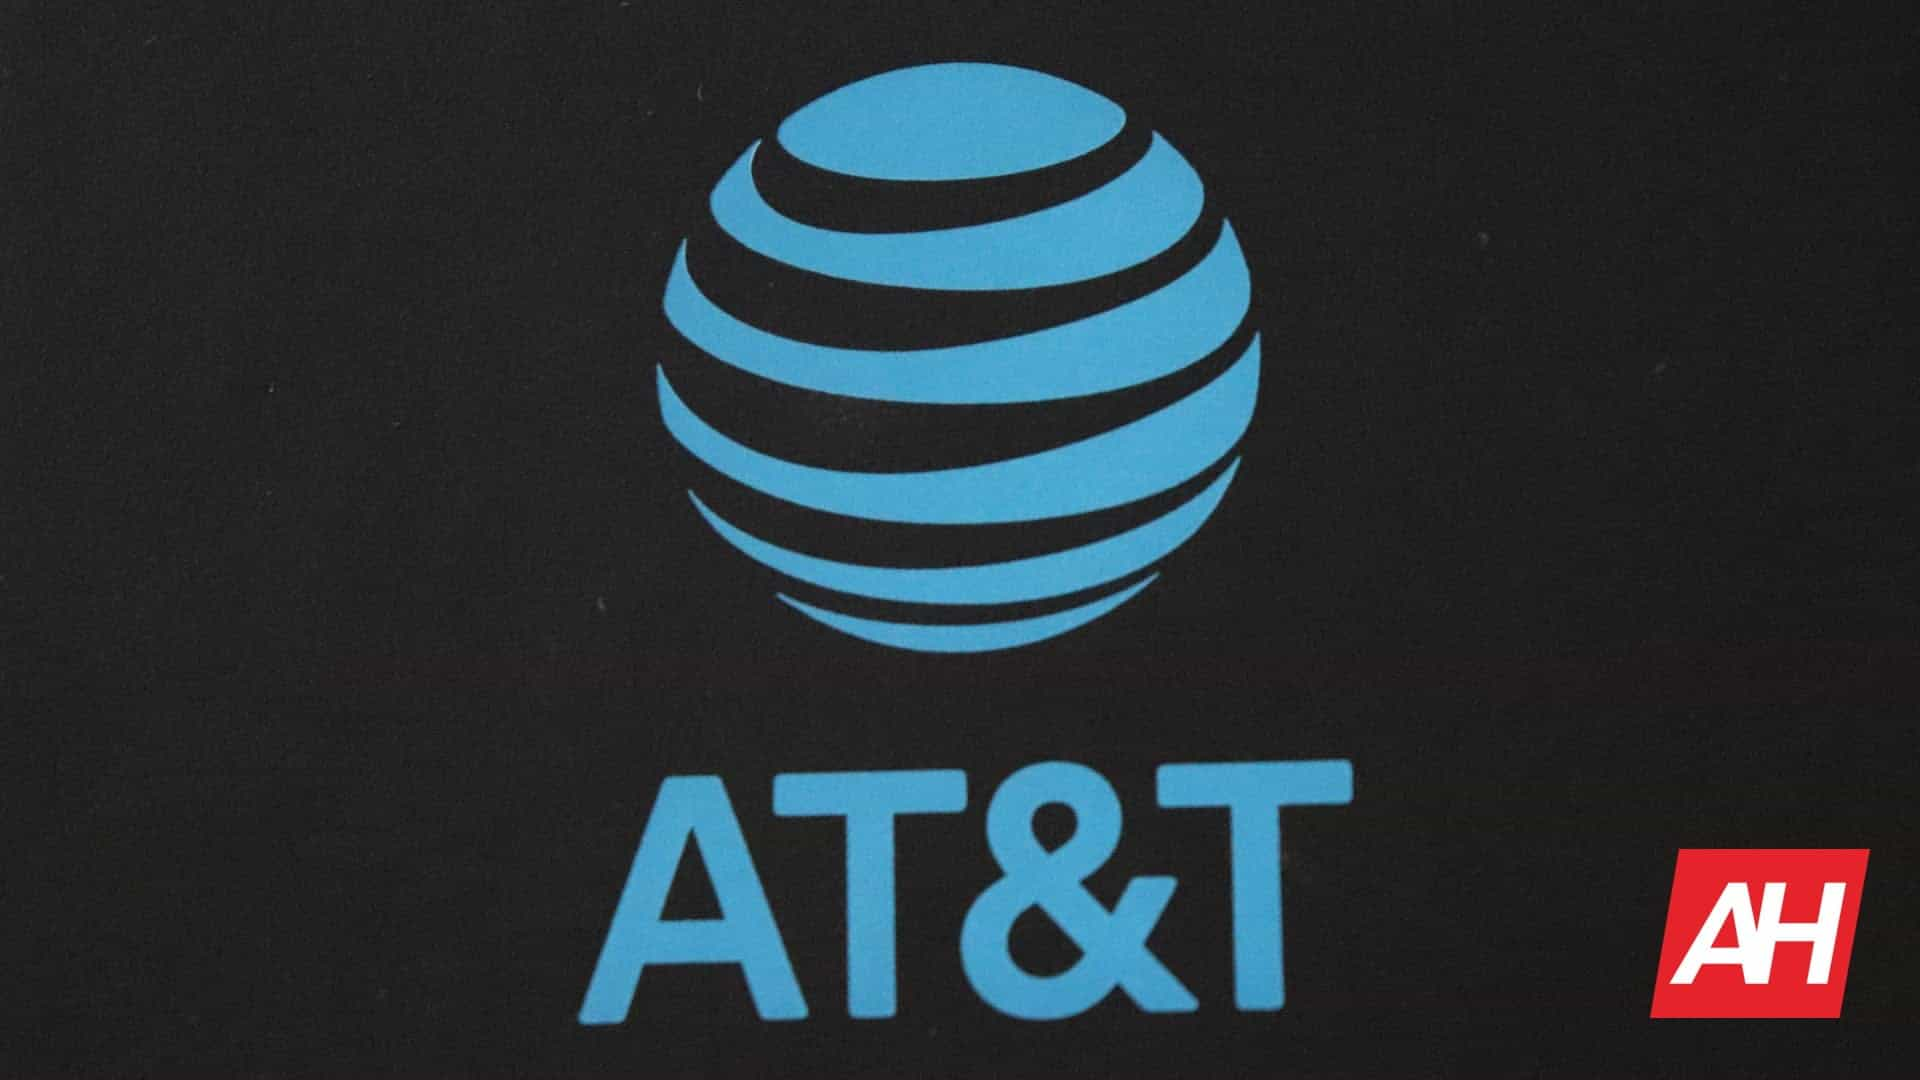 ATT box logo 02 DG AH 2020